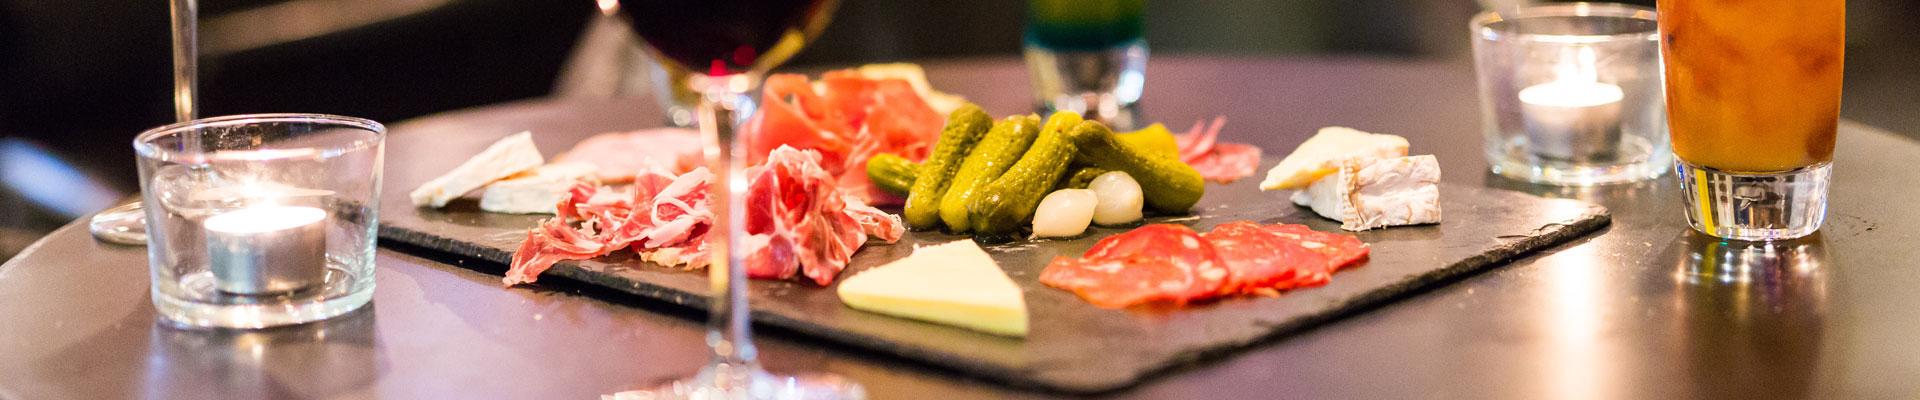 la-fabrik-steakhouse-food-&-drink-restaurant-bar-hangar-quai-rouen-seine-49-bandeau-planche-1920x400